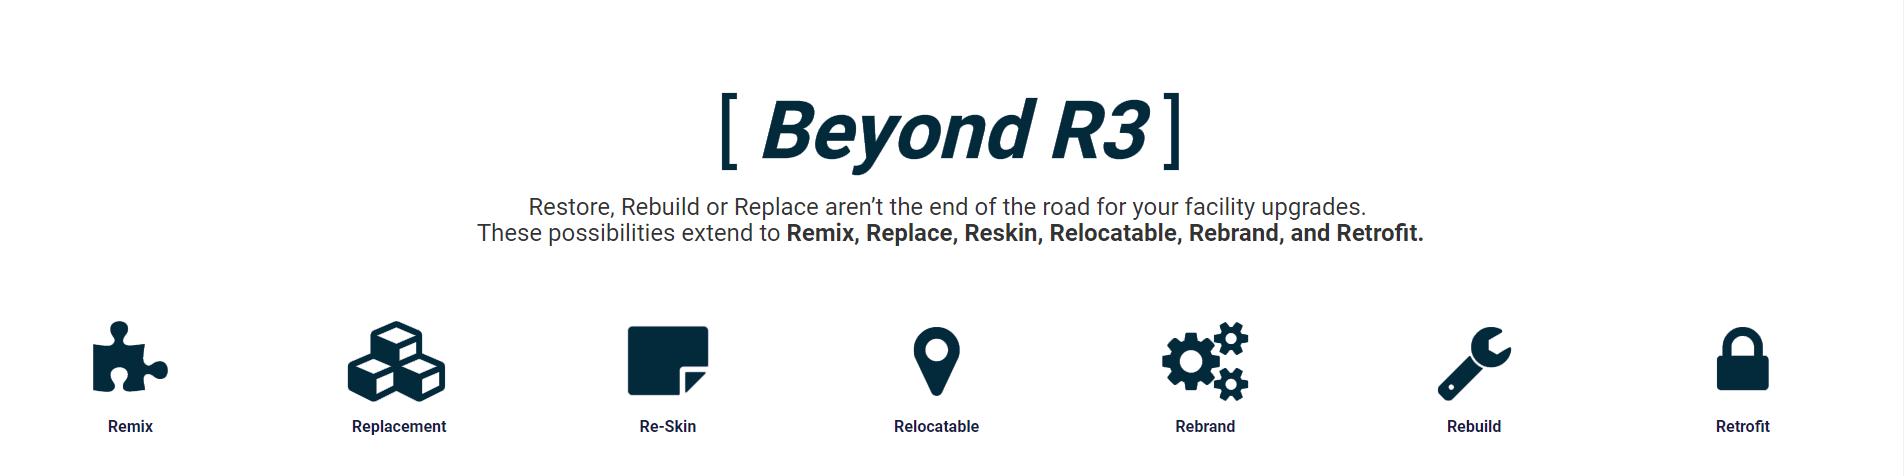 Beyond R3-1